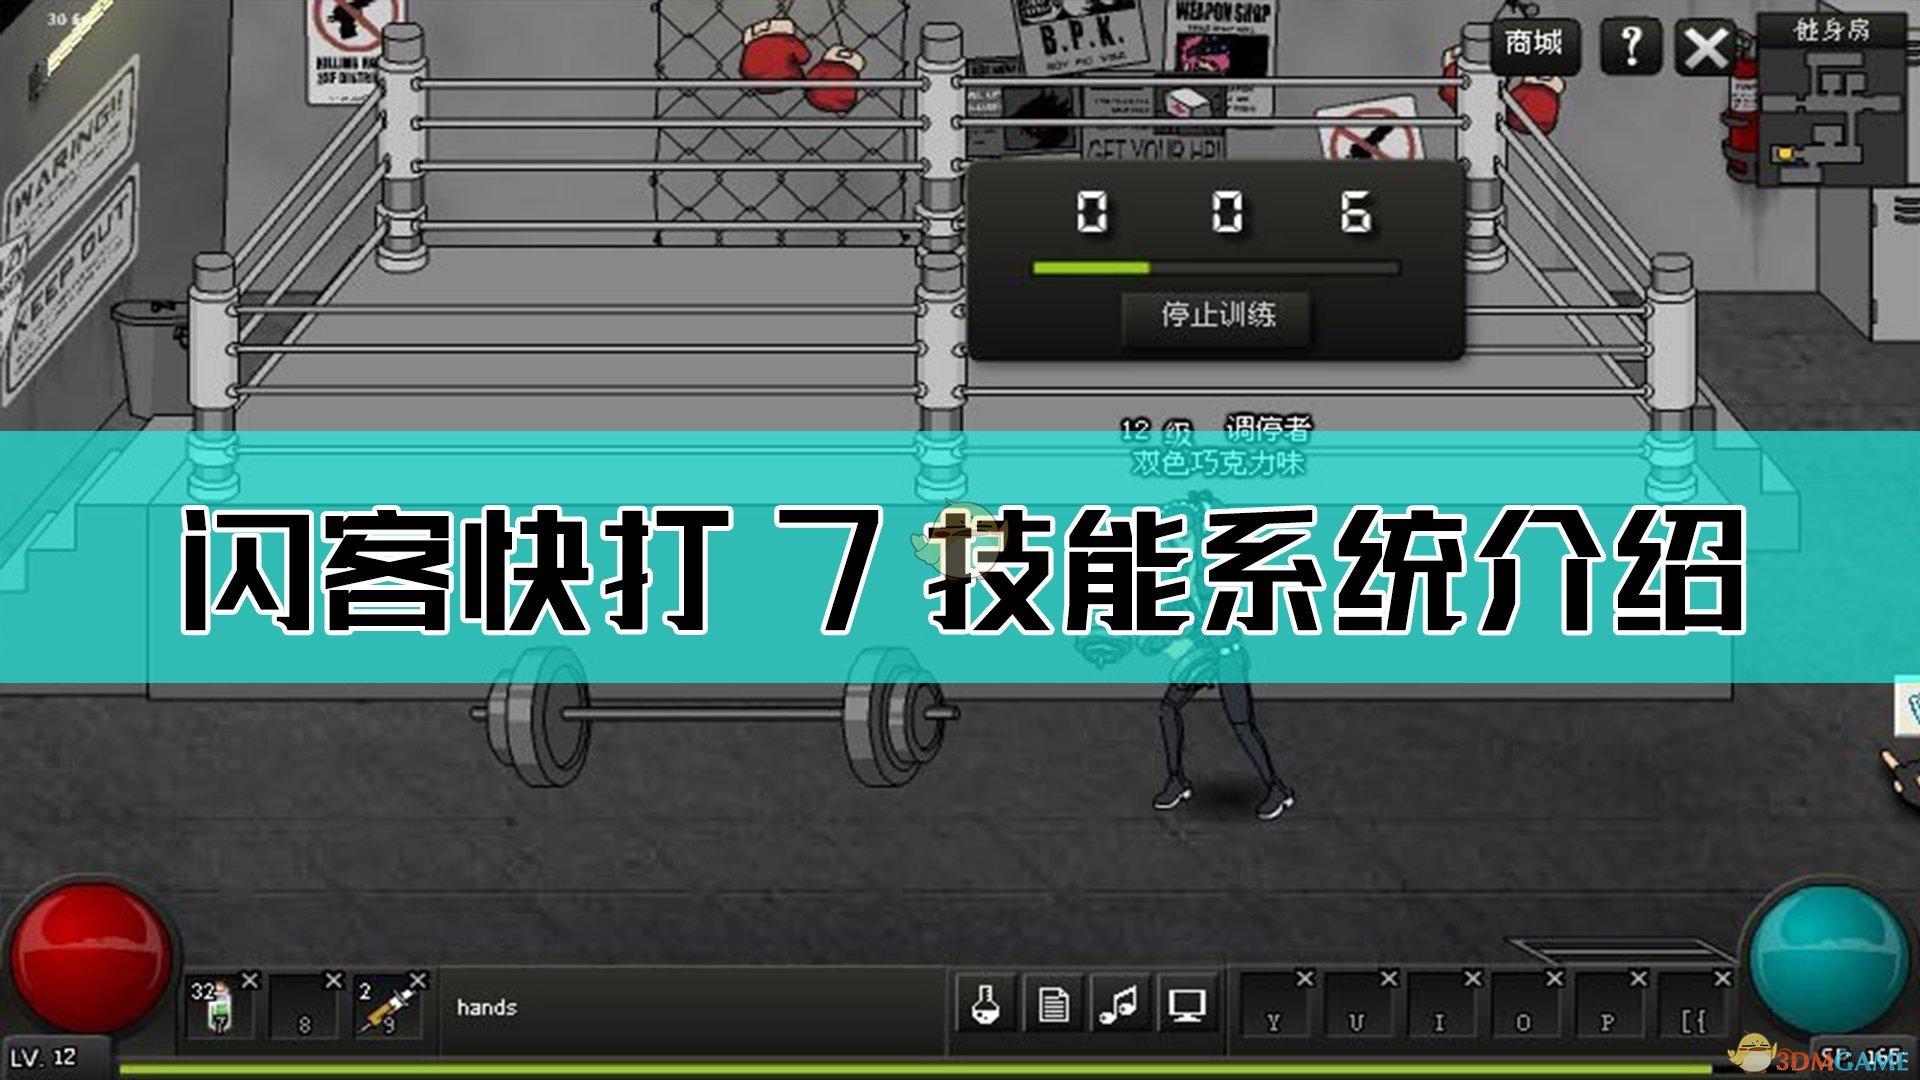 《闪客快打7佣兵帝国》技能系统介绍